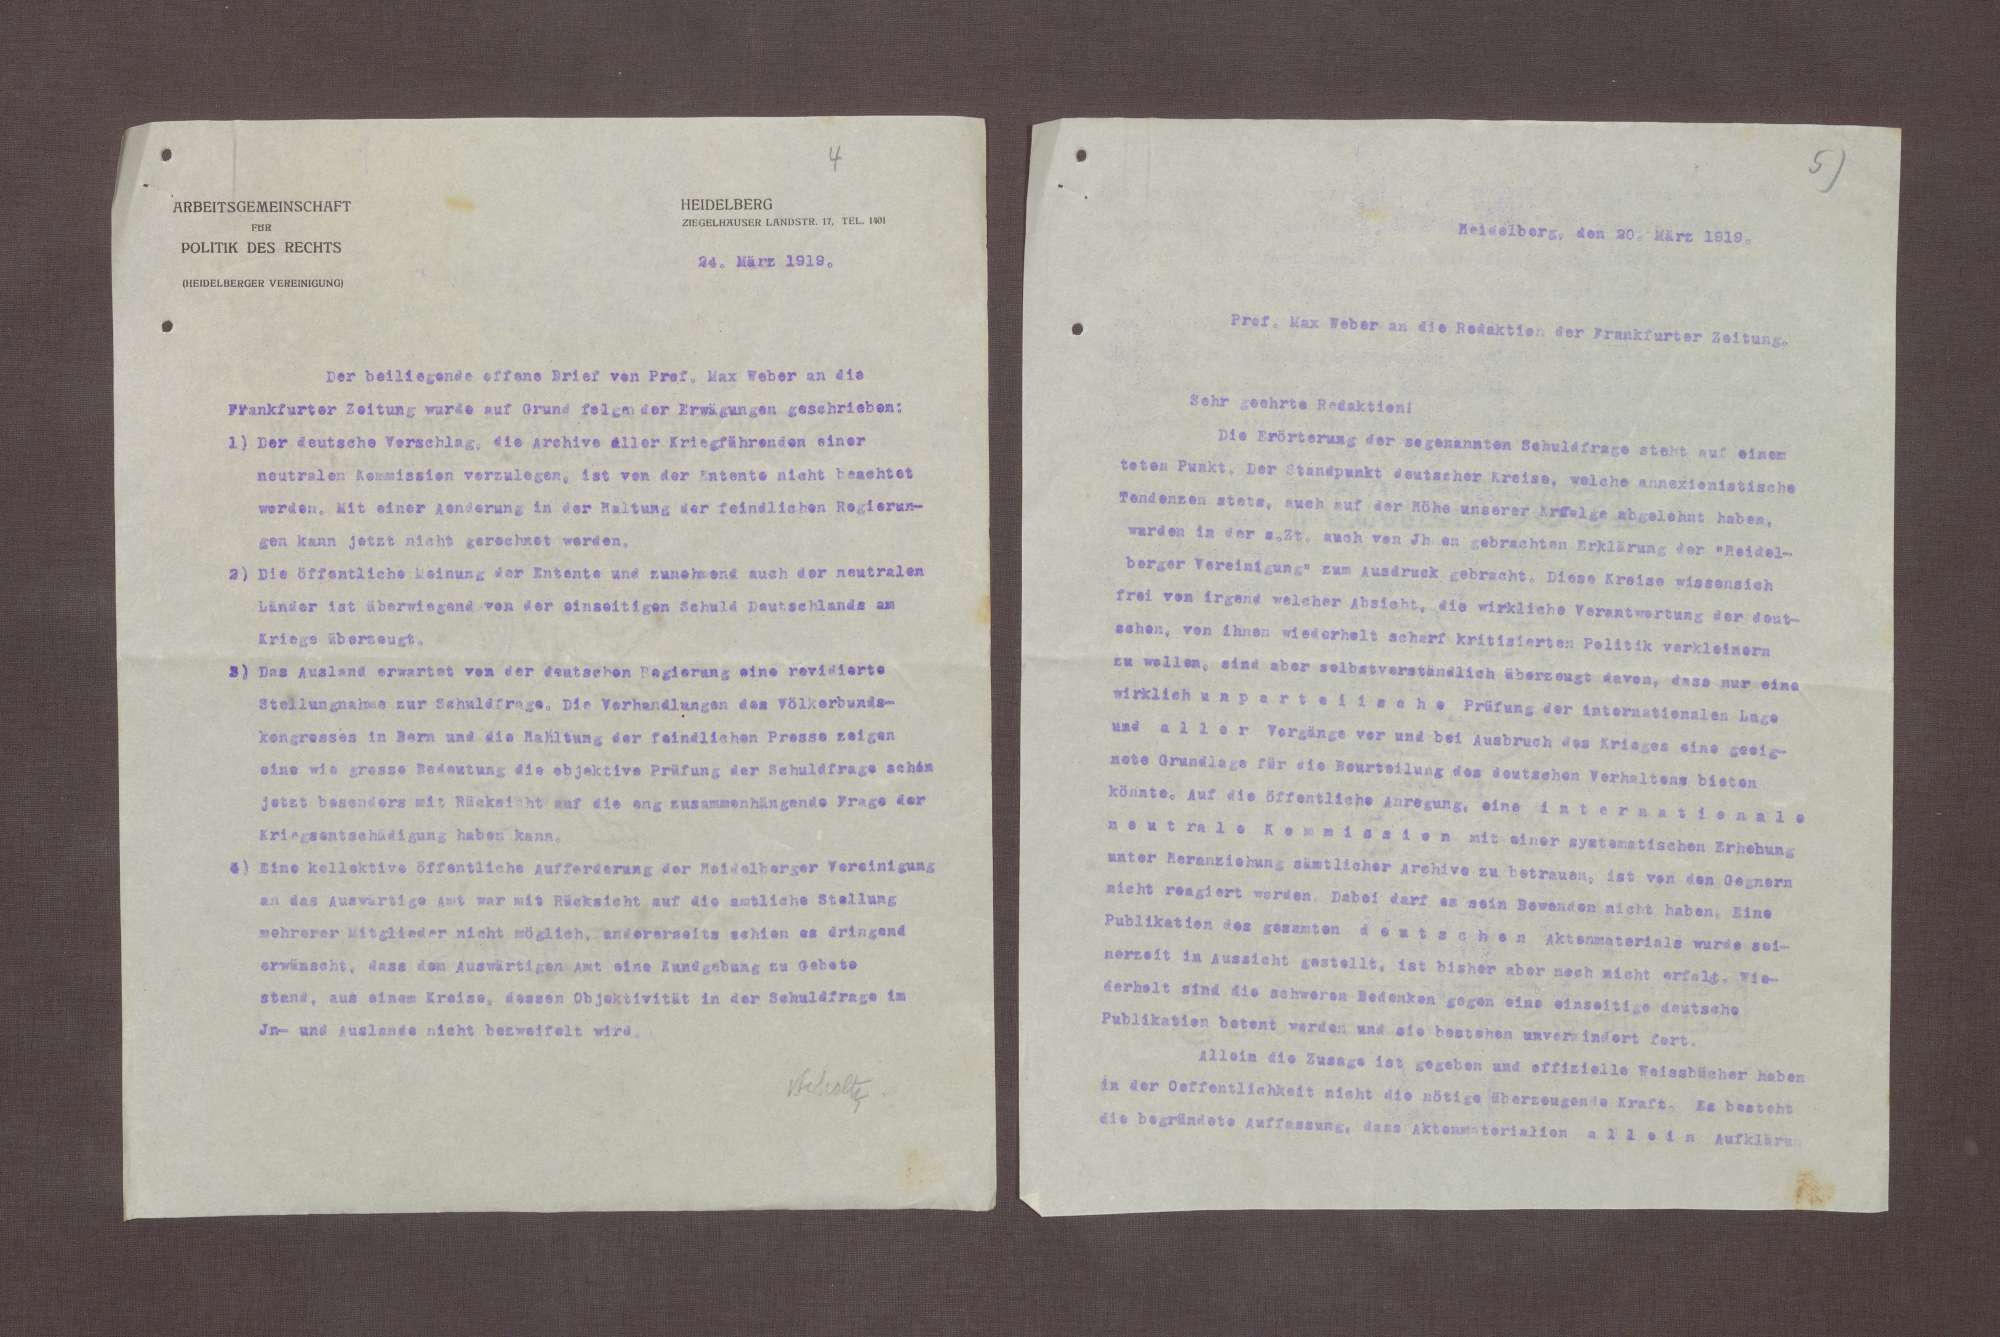 Abschrift eines Briefs von Max Weber an die Redation der Frankfurter Zeitung bzgl. der Kriegsschuld und der Öffnung der Archive der kriegführenden Nationen für eine neutrale Kommission, Bild 1